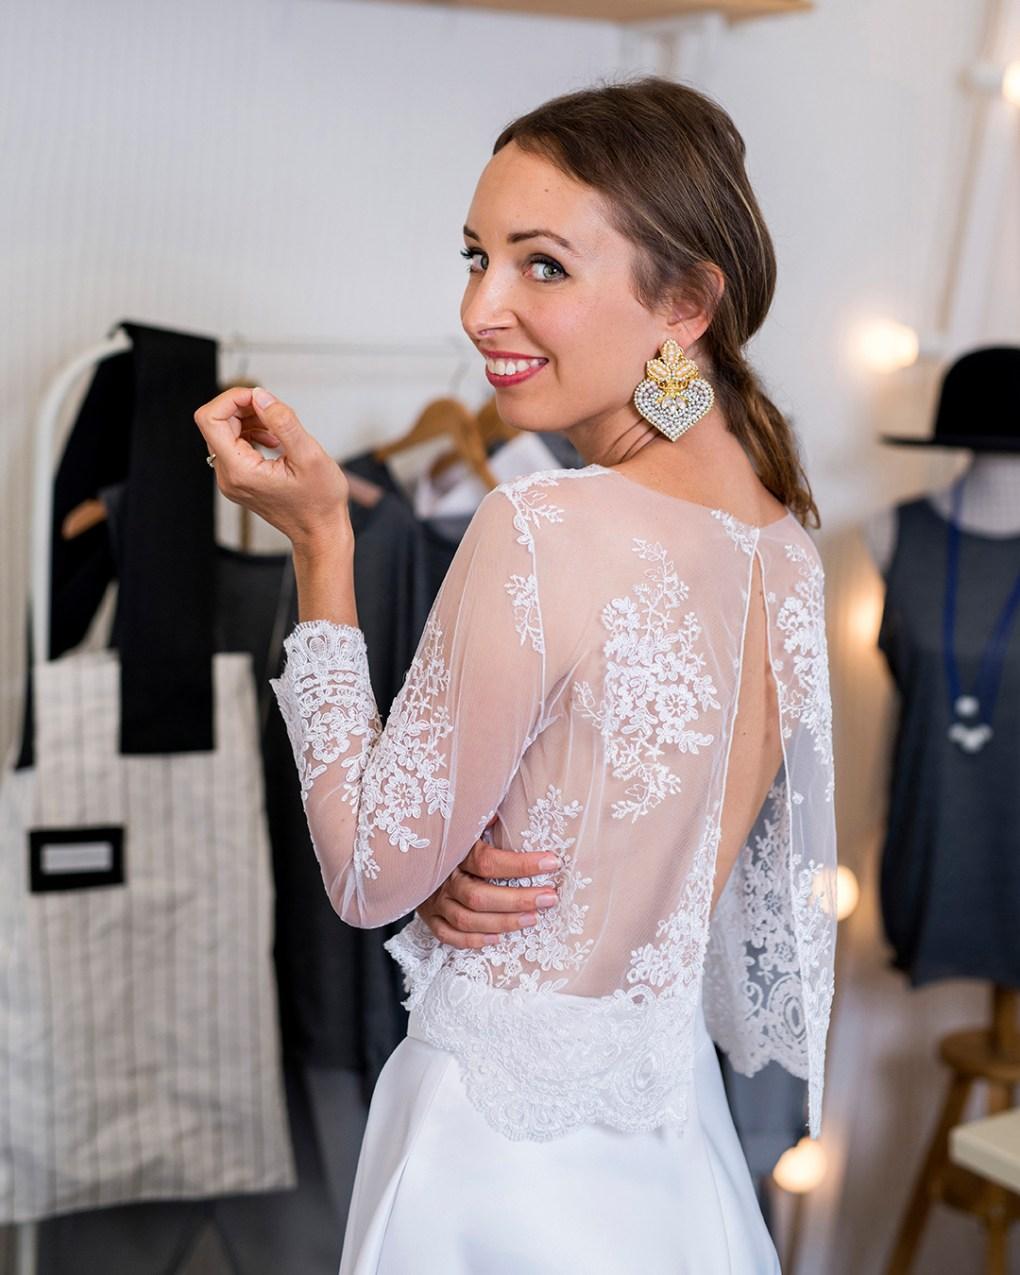 Svadobne saty_Petra Weingart_modny navrharka_modny blog_nevesta_svadba